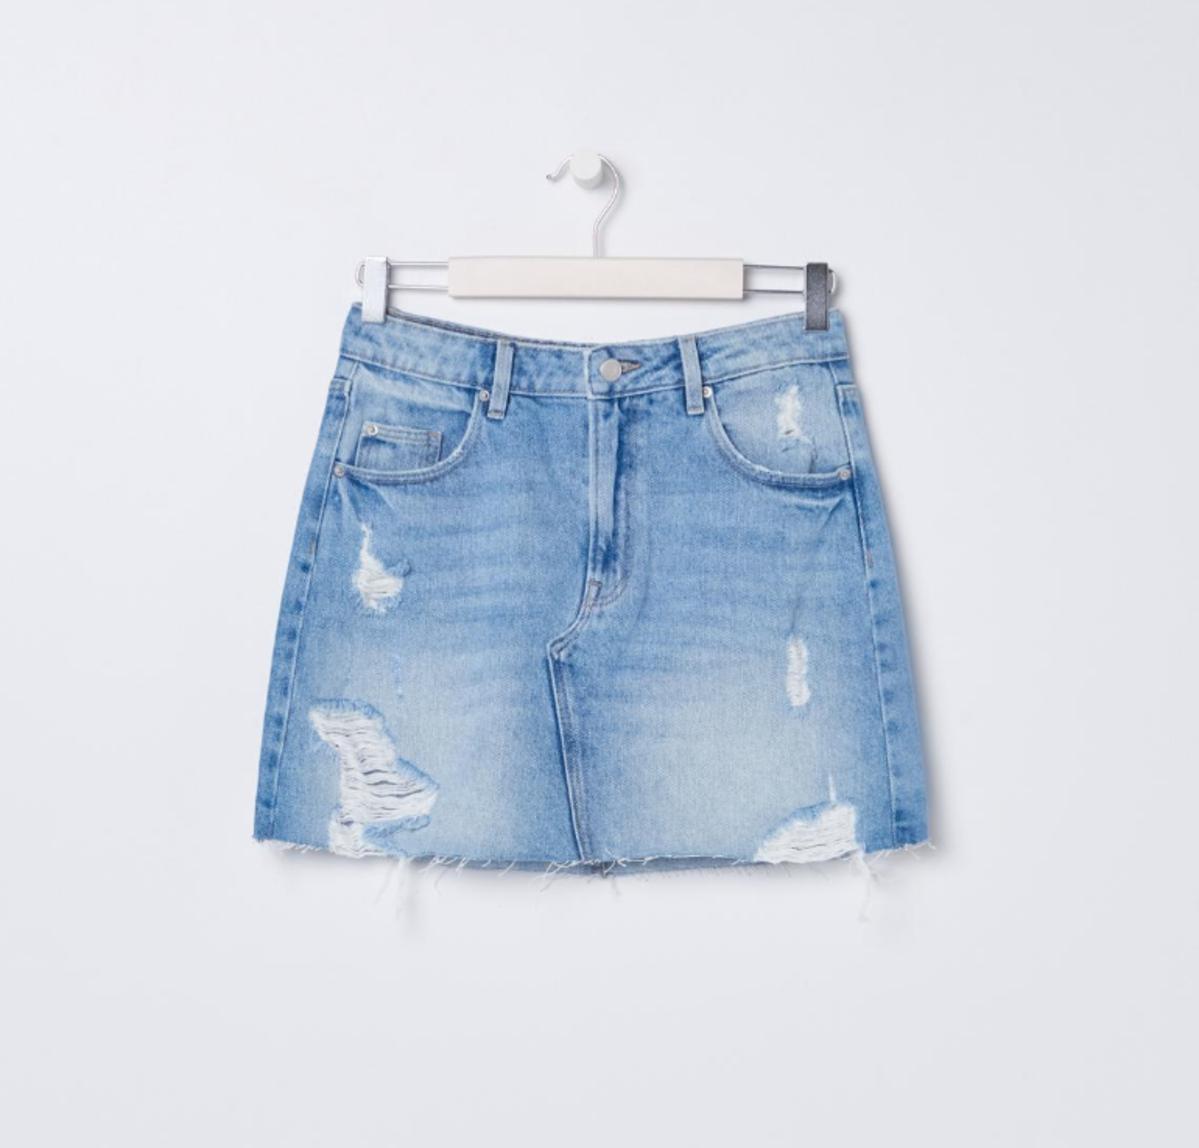 Spódnica jeansowa Sinsay 49 zł